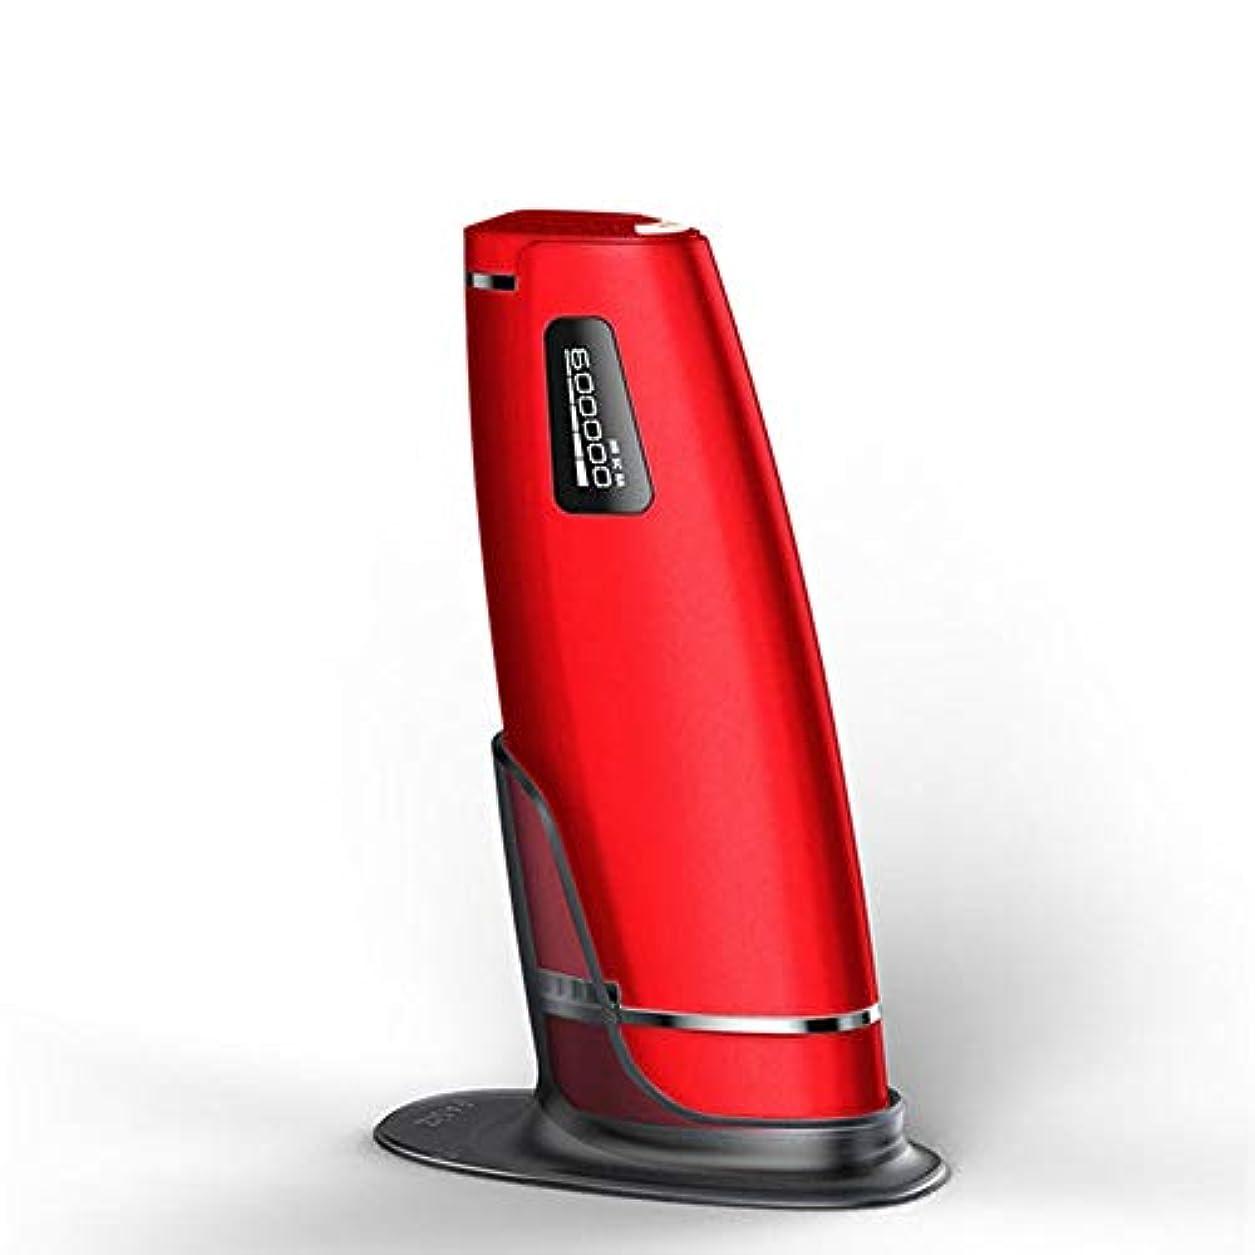 定義溝見えない赤、デュアルモード、ホームオートマチック無痛脱毛剤、携帯用永久脱毛剤、5スピード調整、サイズ20.5 X 4.5 X 7 Cm 安全性 (Color : Red)